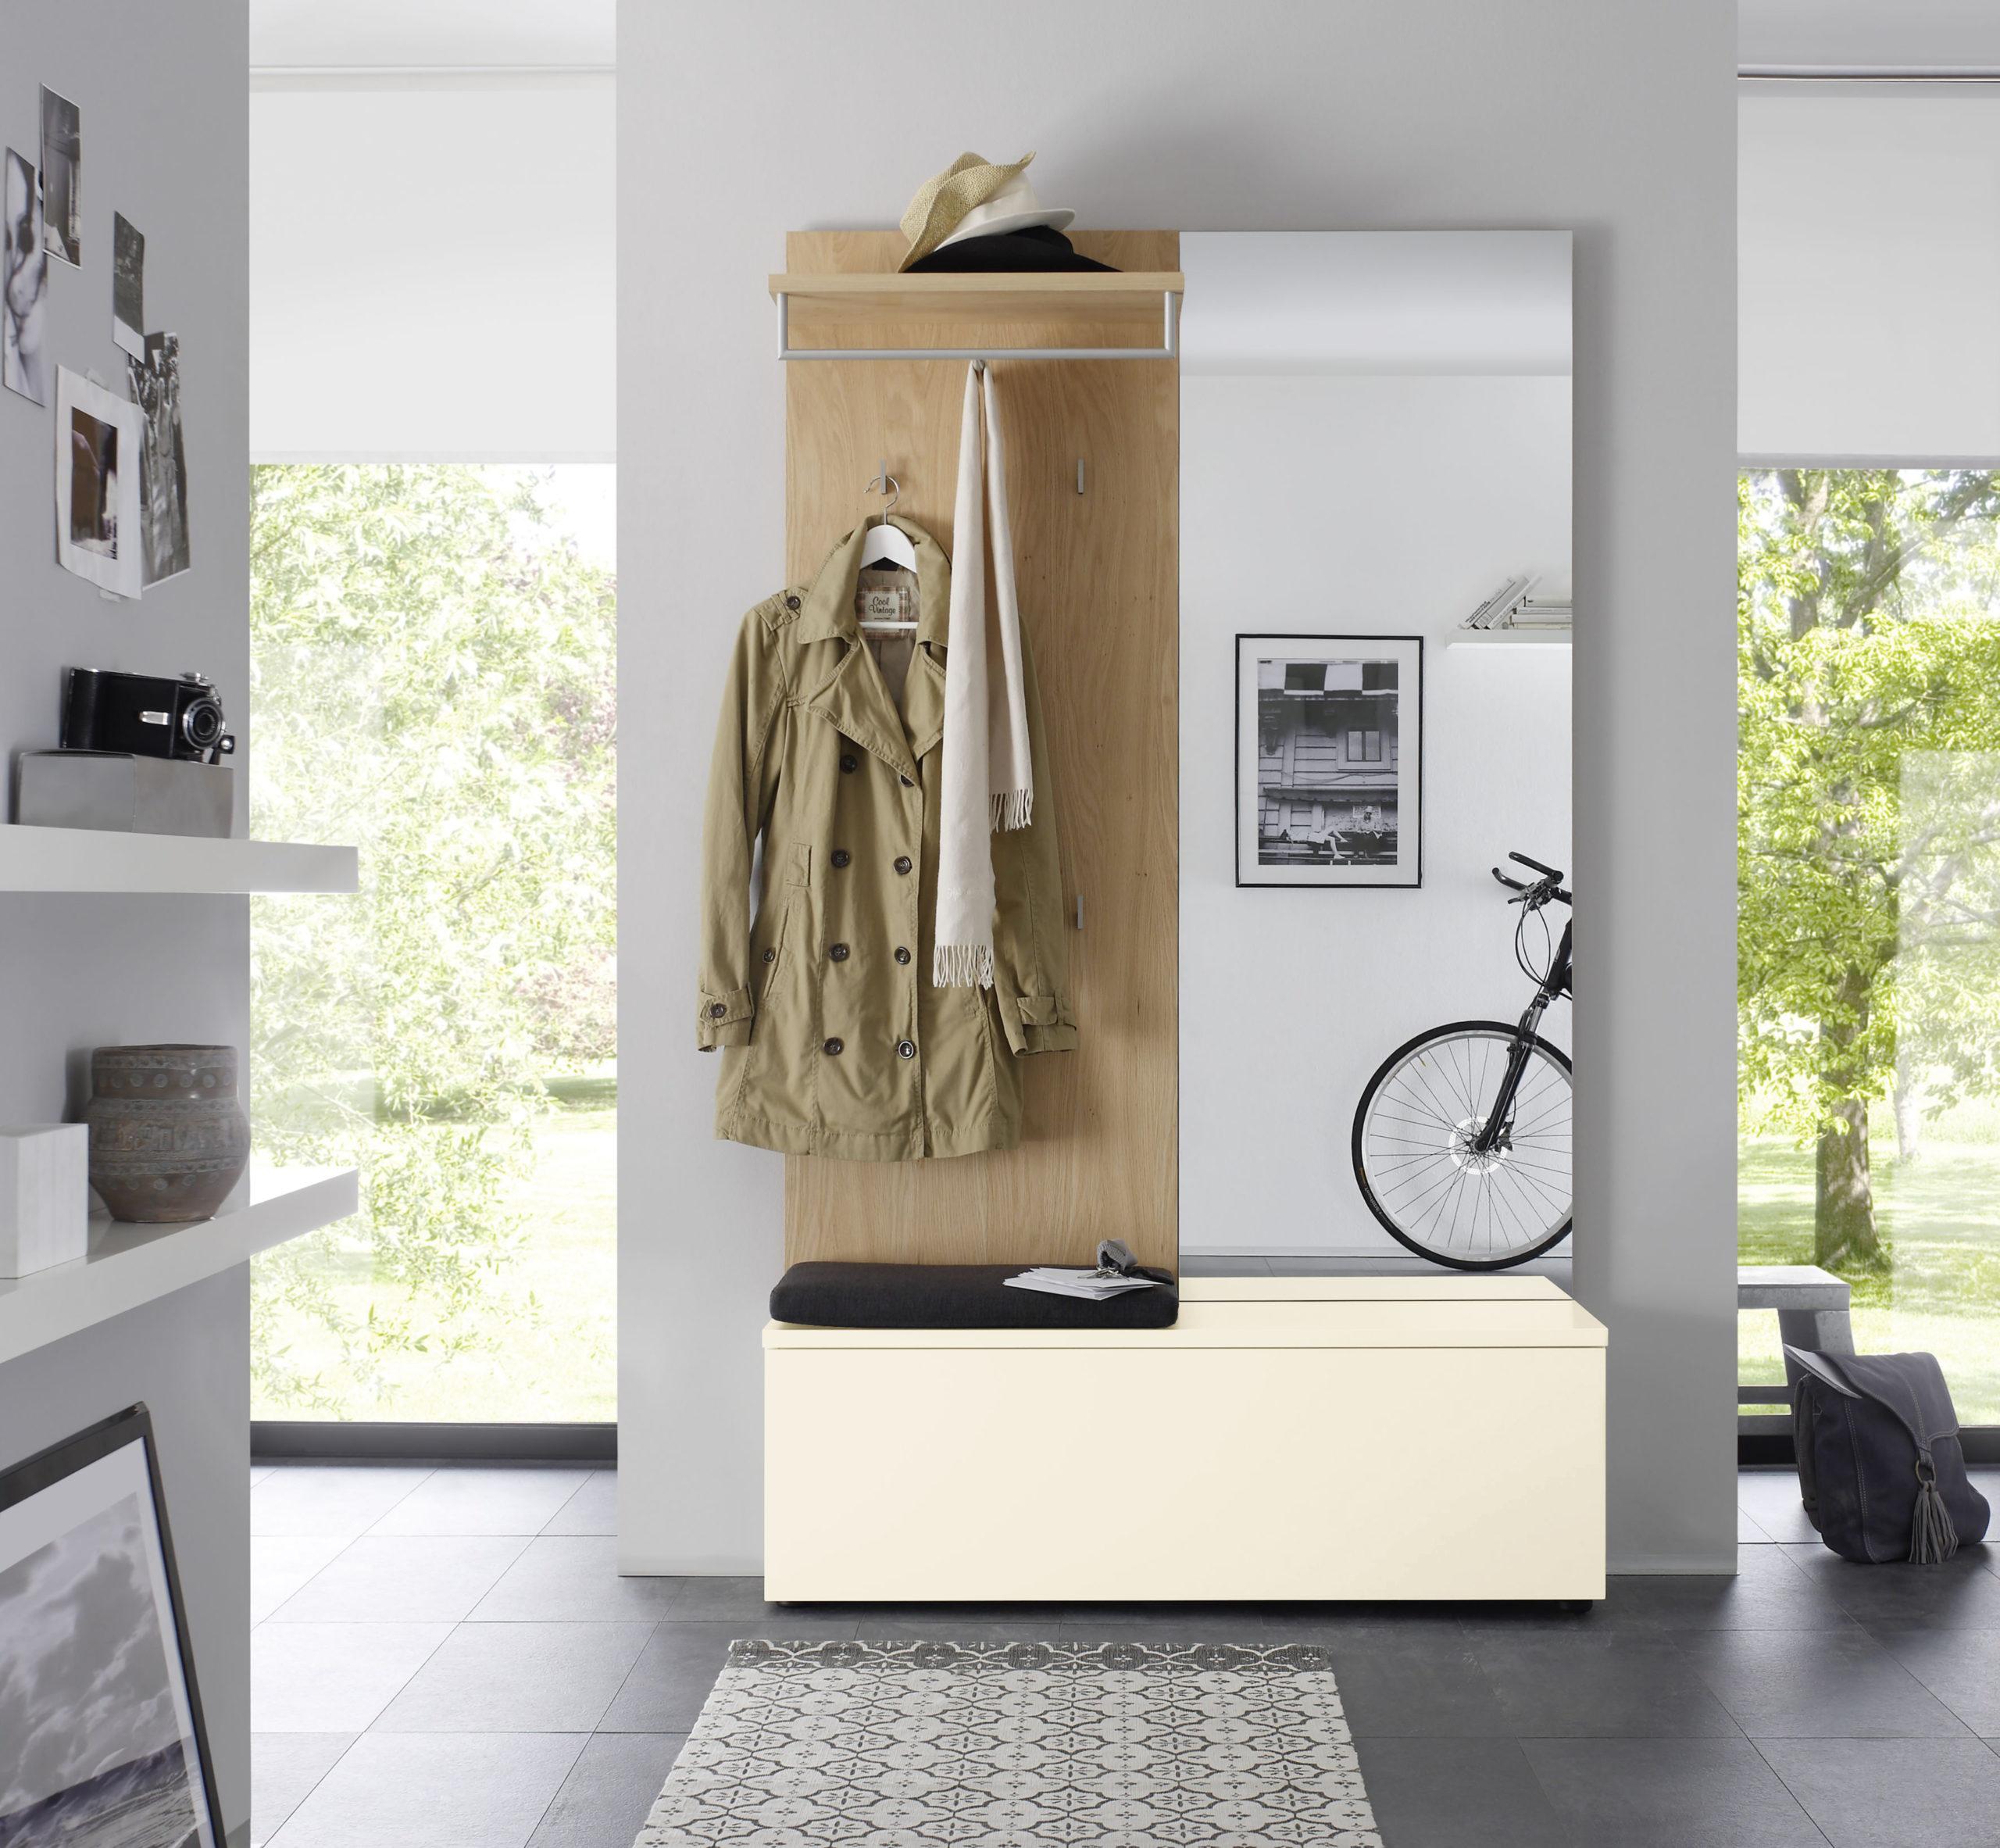 Sudbrock TANDO Garderobe in der Ausführung Ethno Eiche, Lack magnolia #409